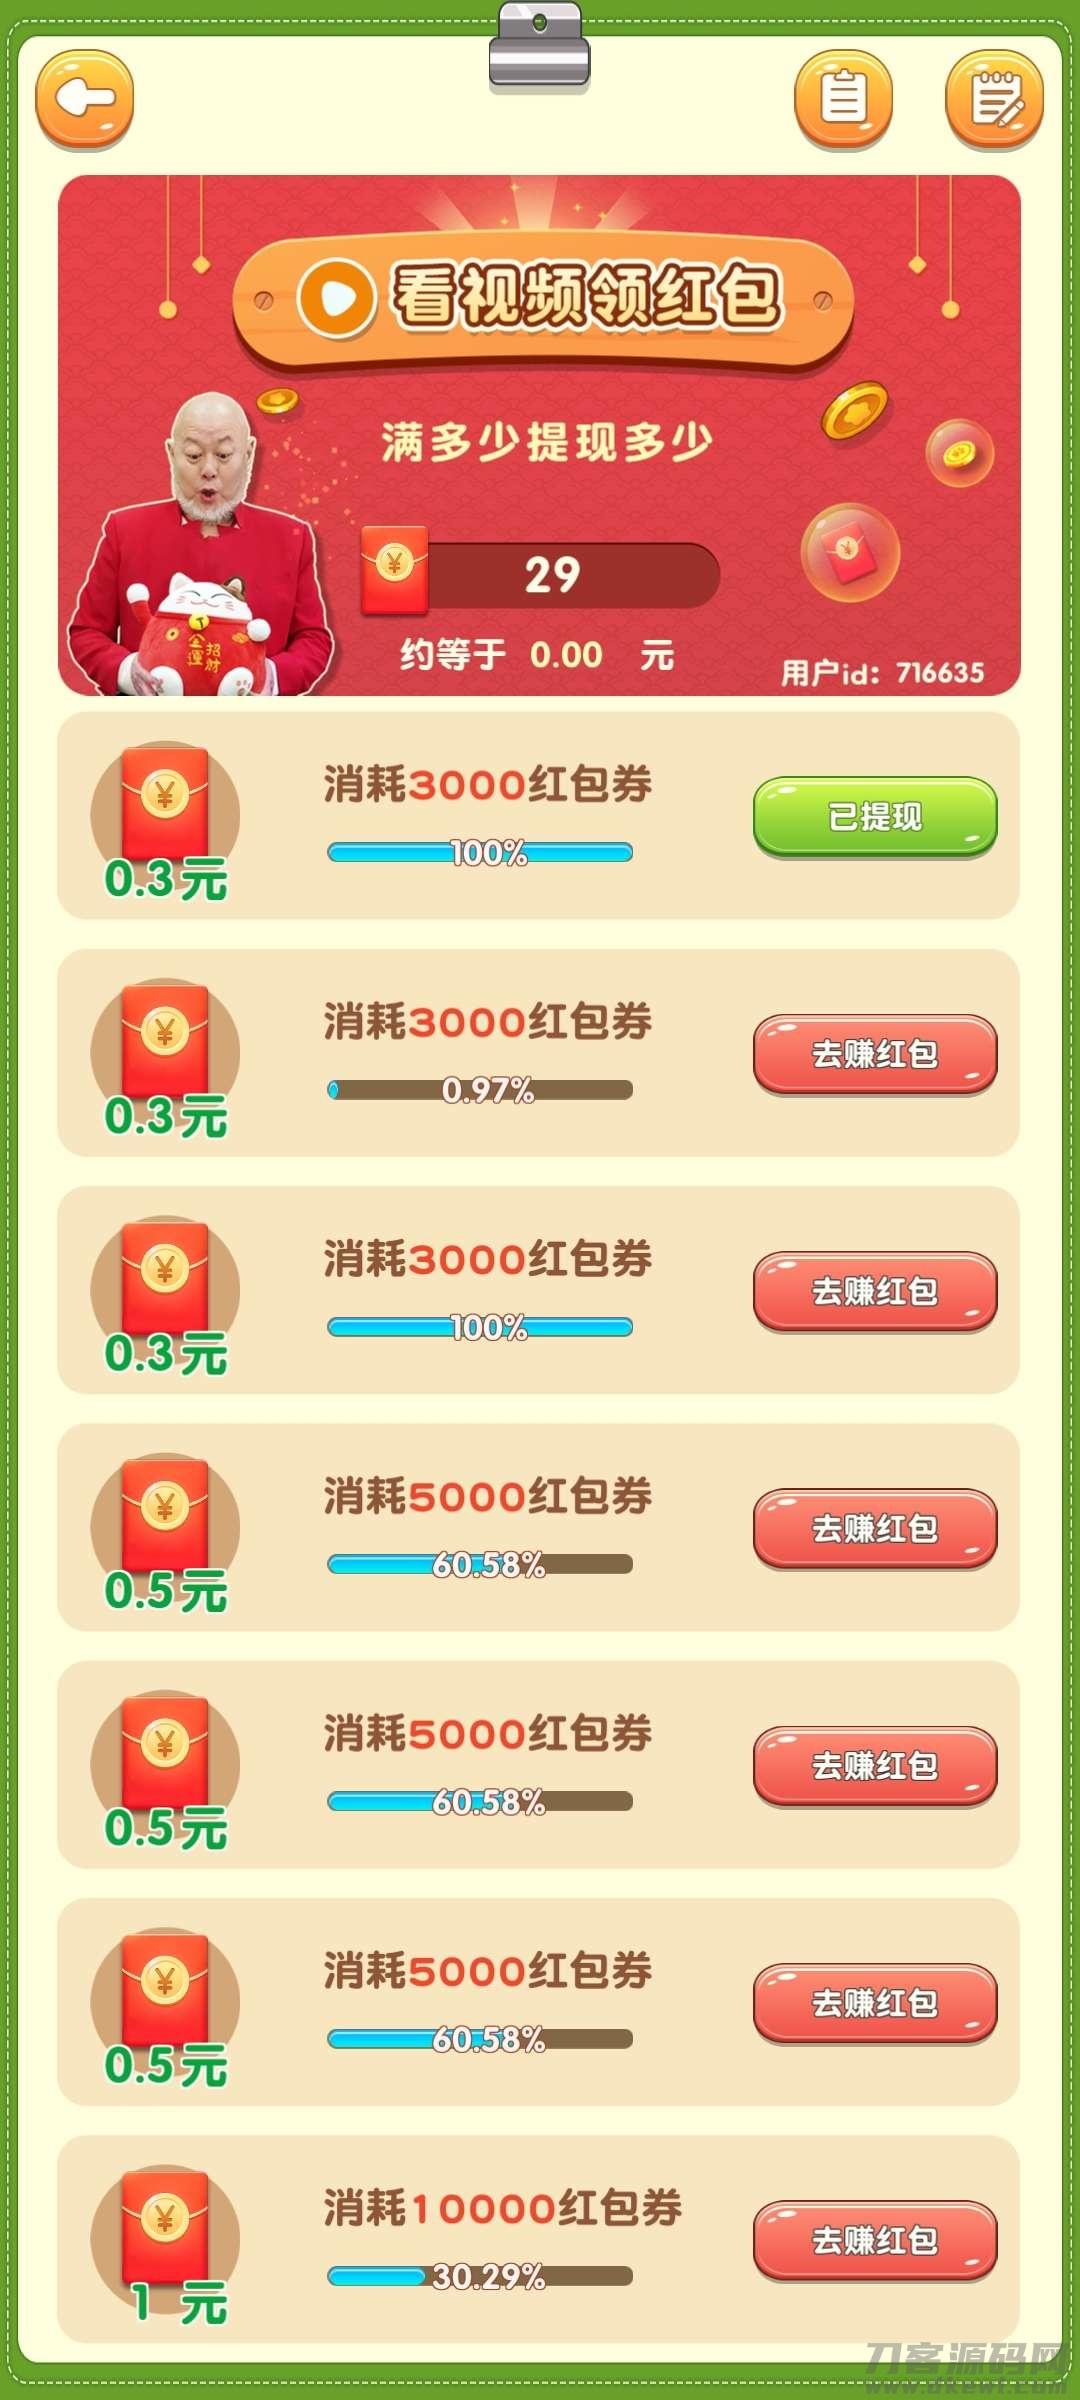 【现金红包】喵喵招财屋攒红包券提现红包插图1